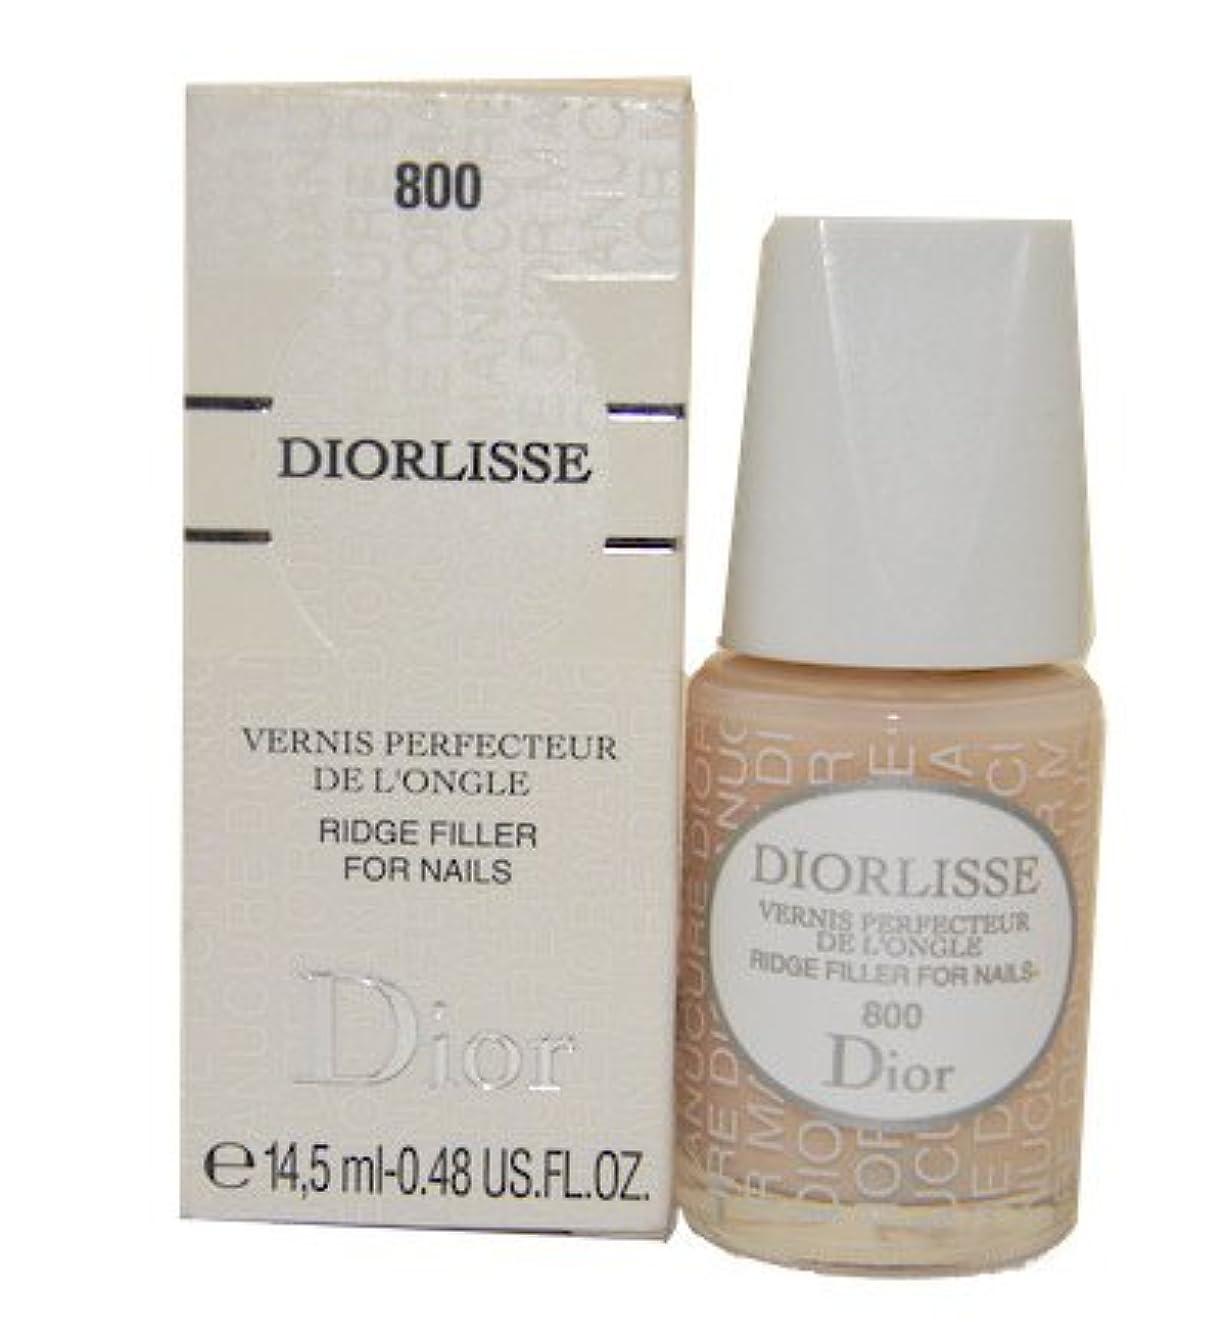 メイトに対して誤解させるDior Diorlisse Ridge Filler For Nail 800(ディオールリス リッジフィラー フォーネイル 800)[海外直送品] [並行輸入品]